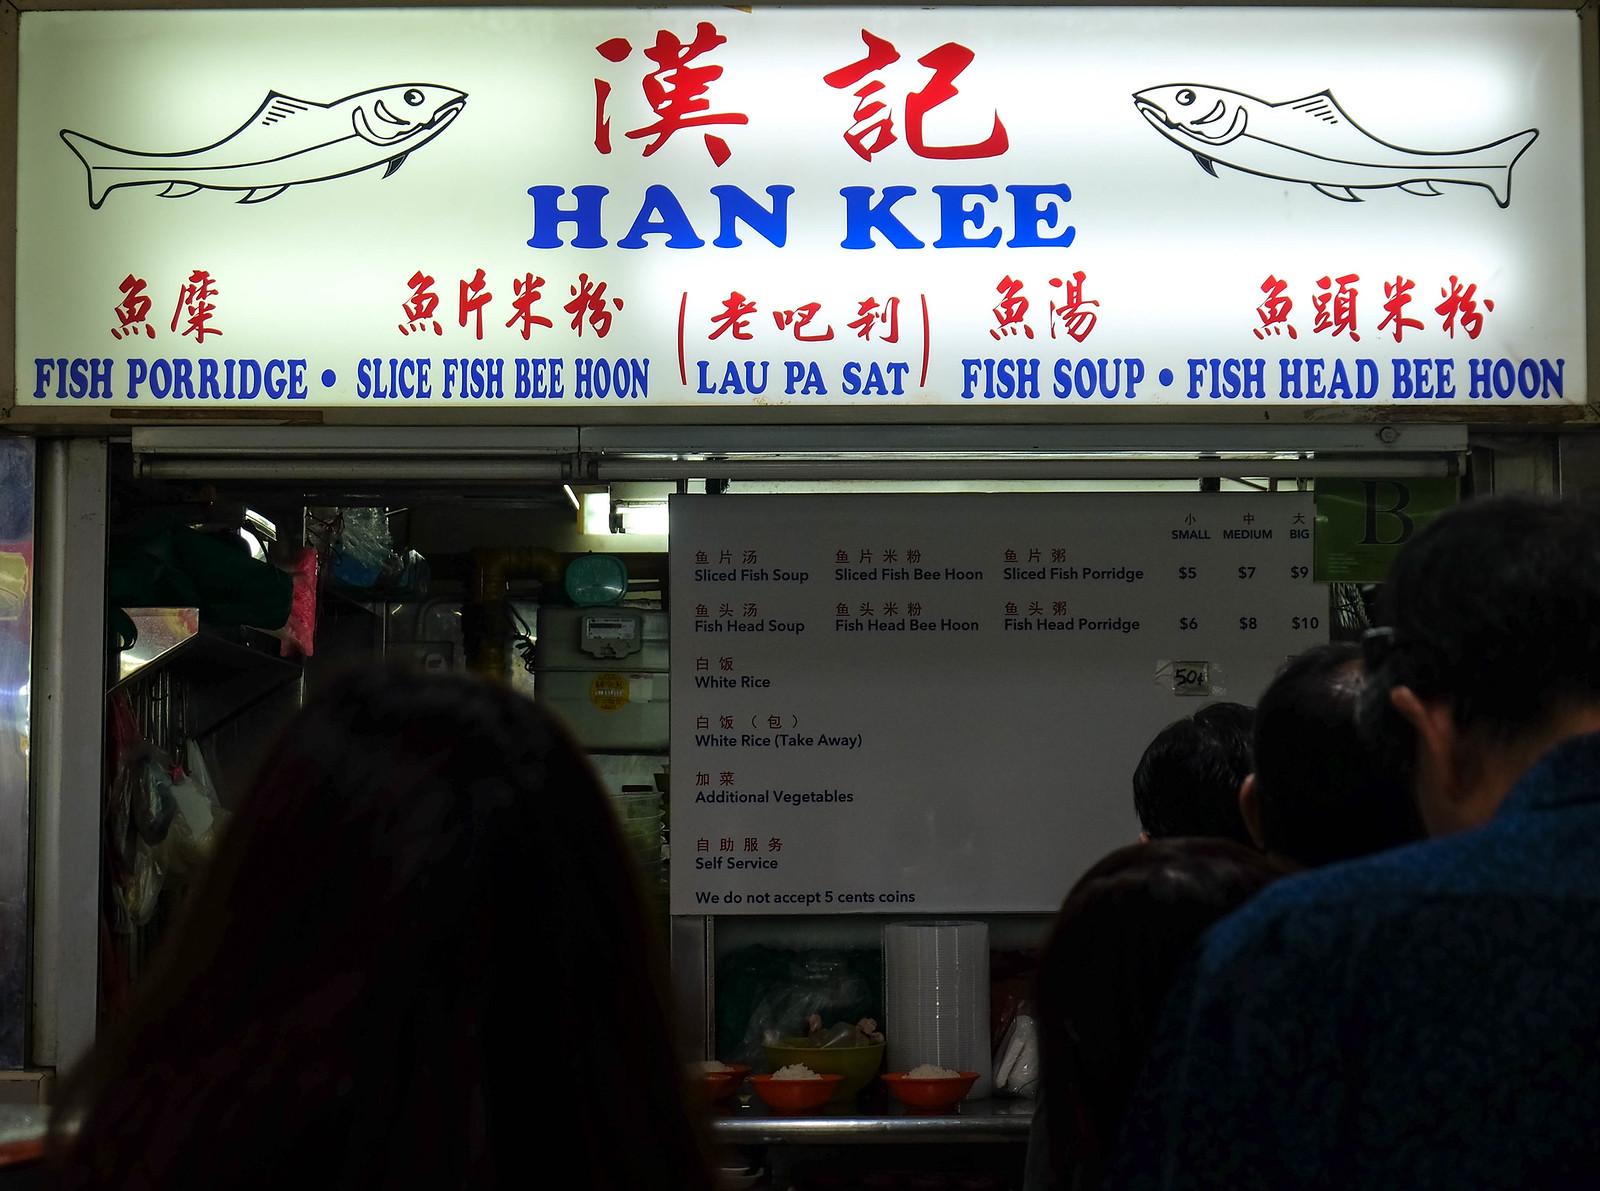 厦门街头食品中心鱼汤停滞